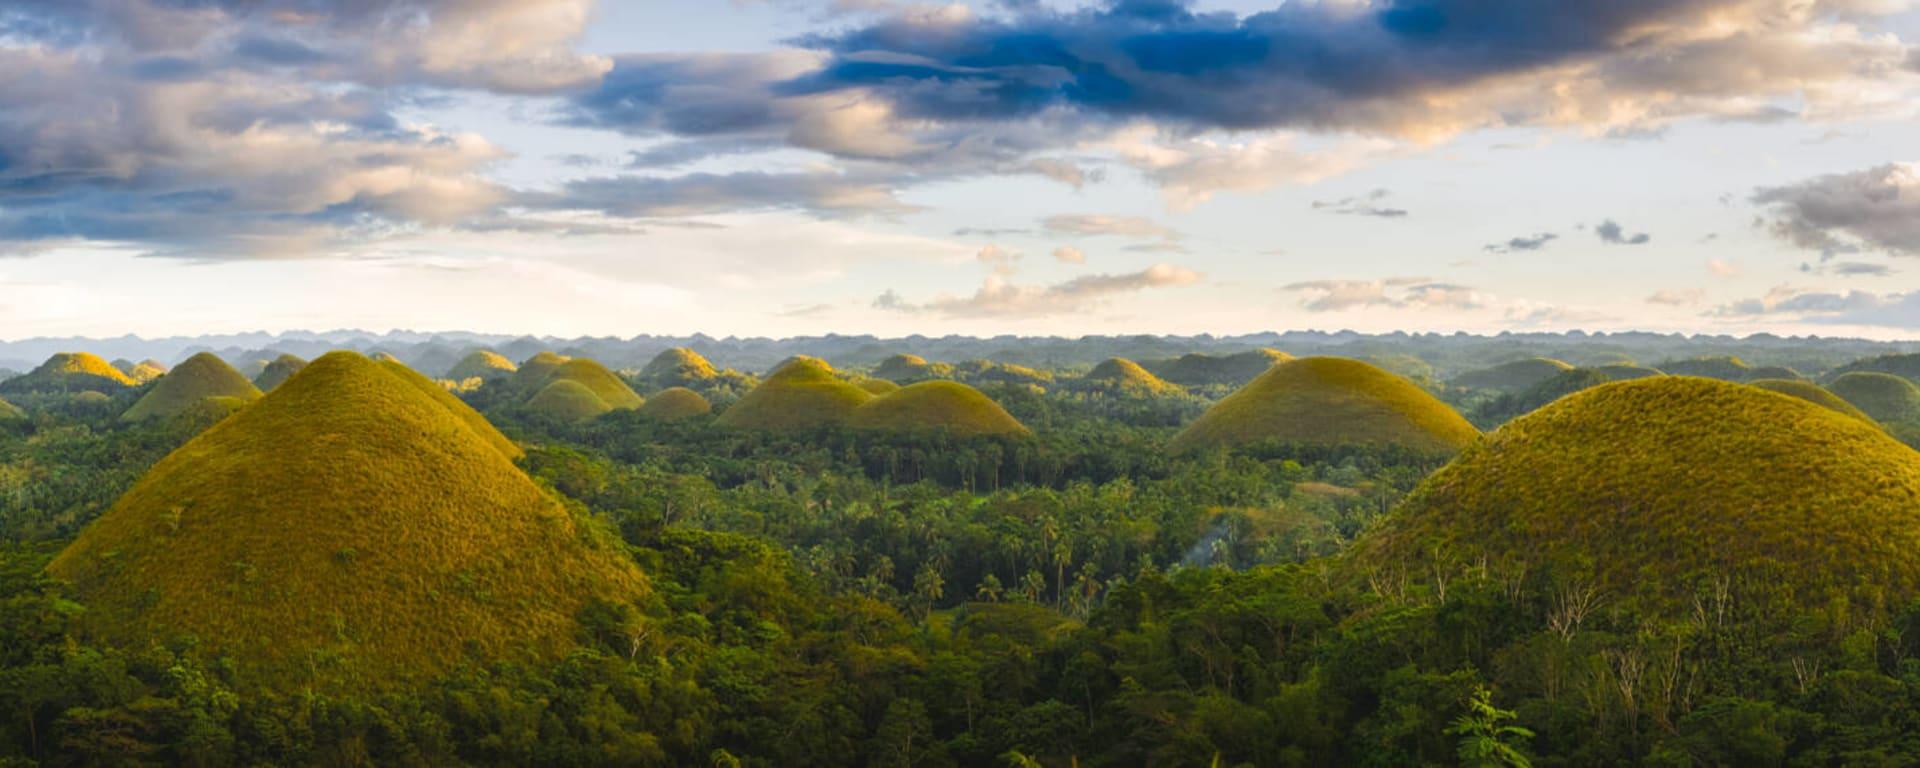 Philippinen entdecken mit Tischler Reisen: Philippinen Bohol Chocolate Hills Panorama